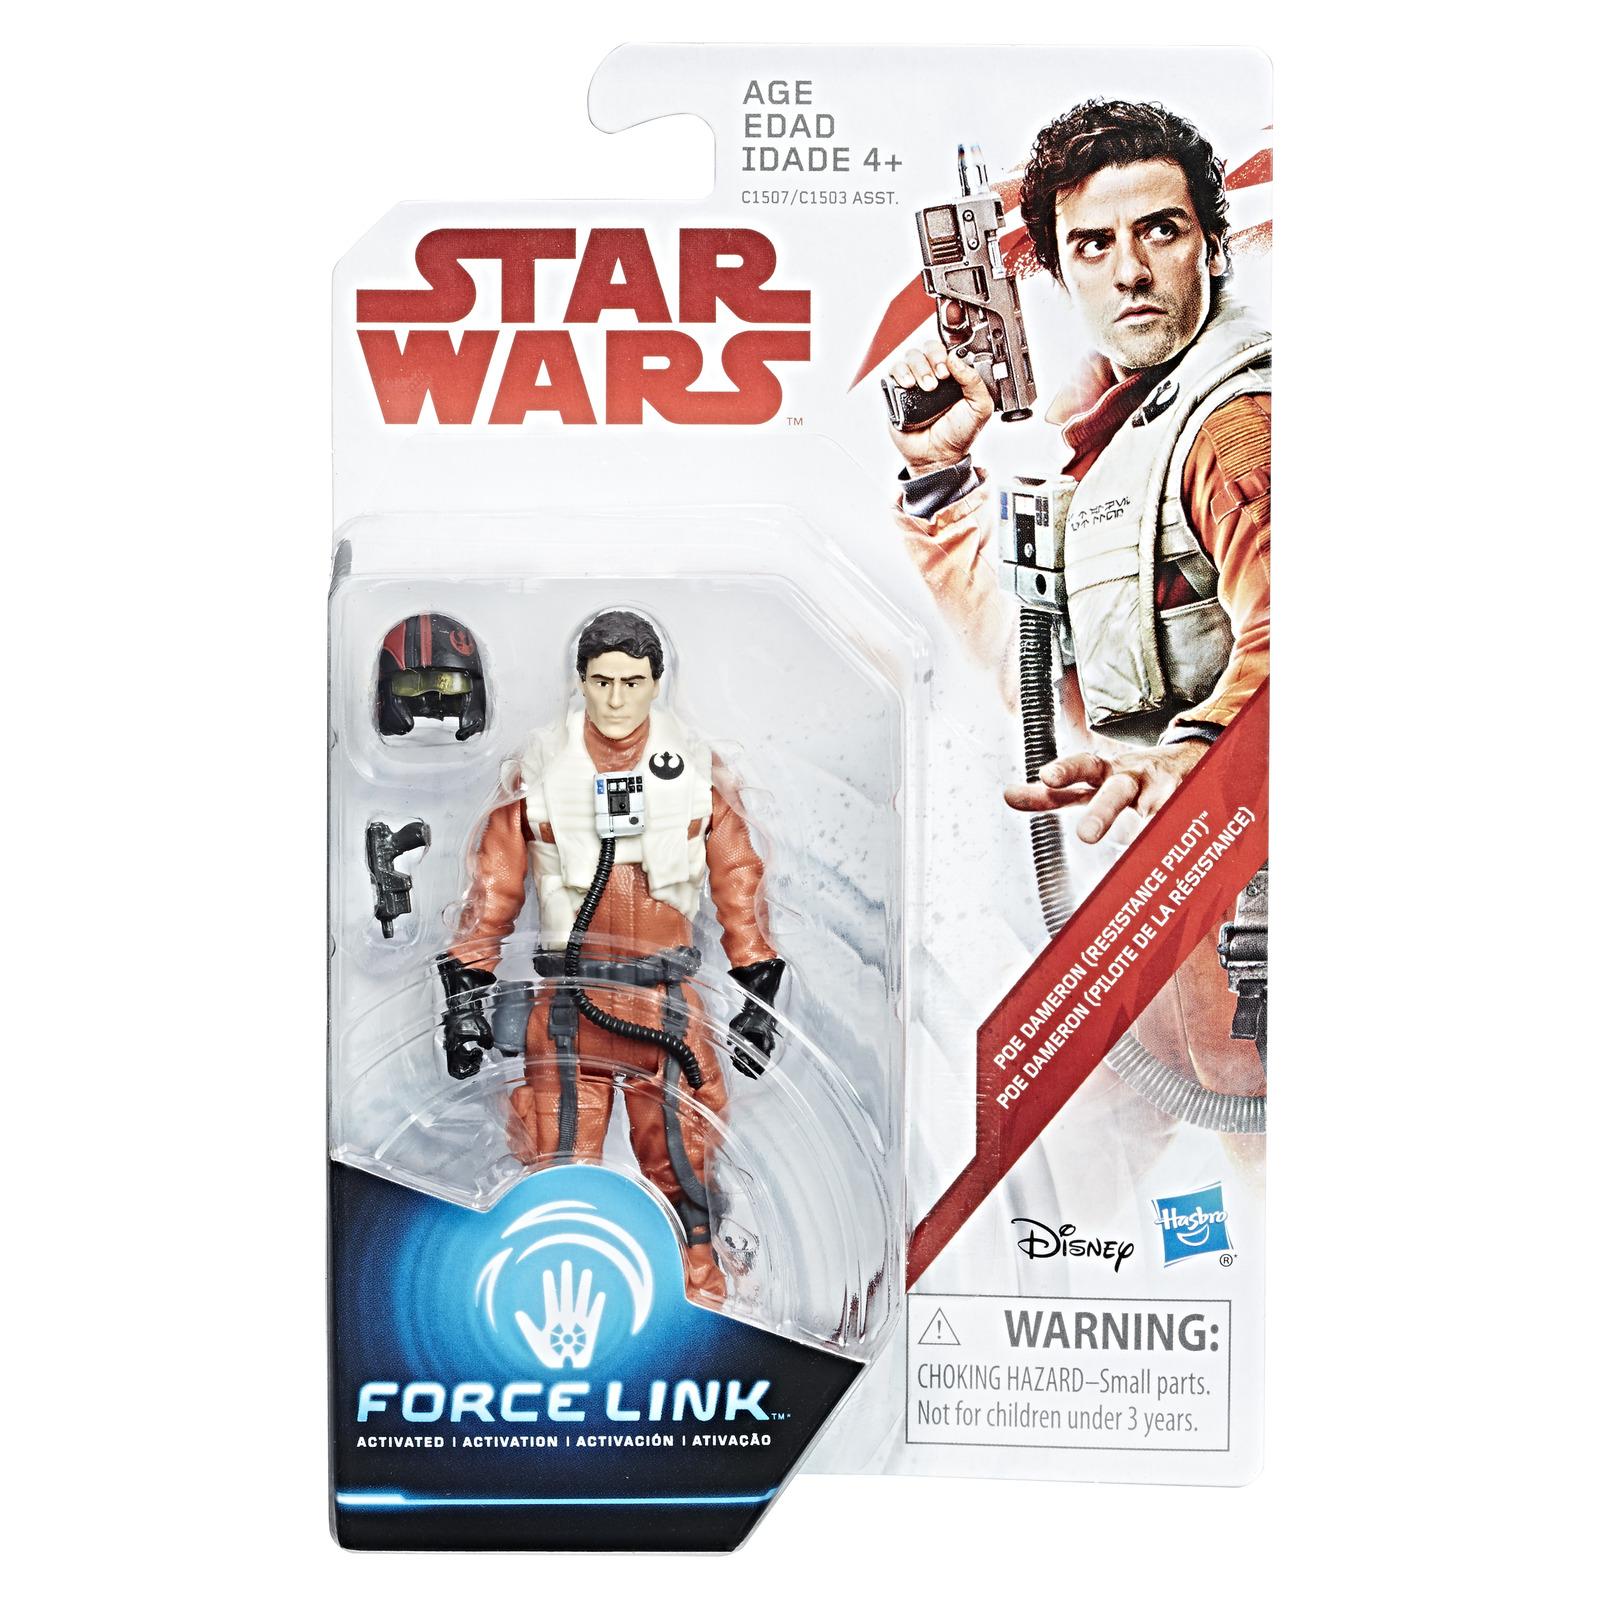 Star Wars: Force Link Figure - Poe Dameron (Resistance Pilot) image